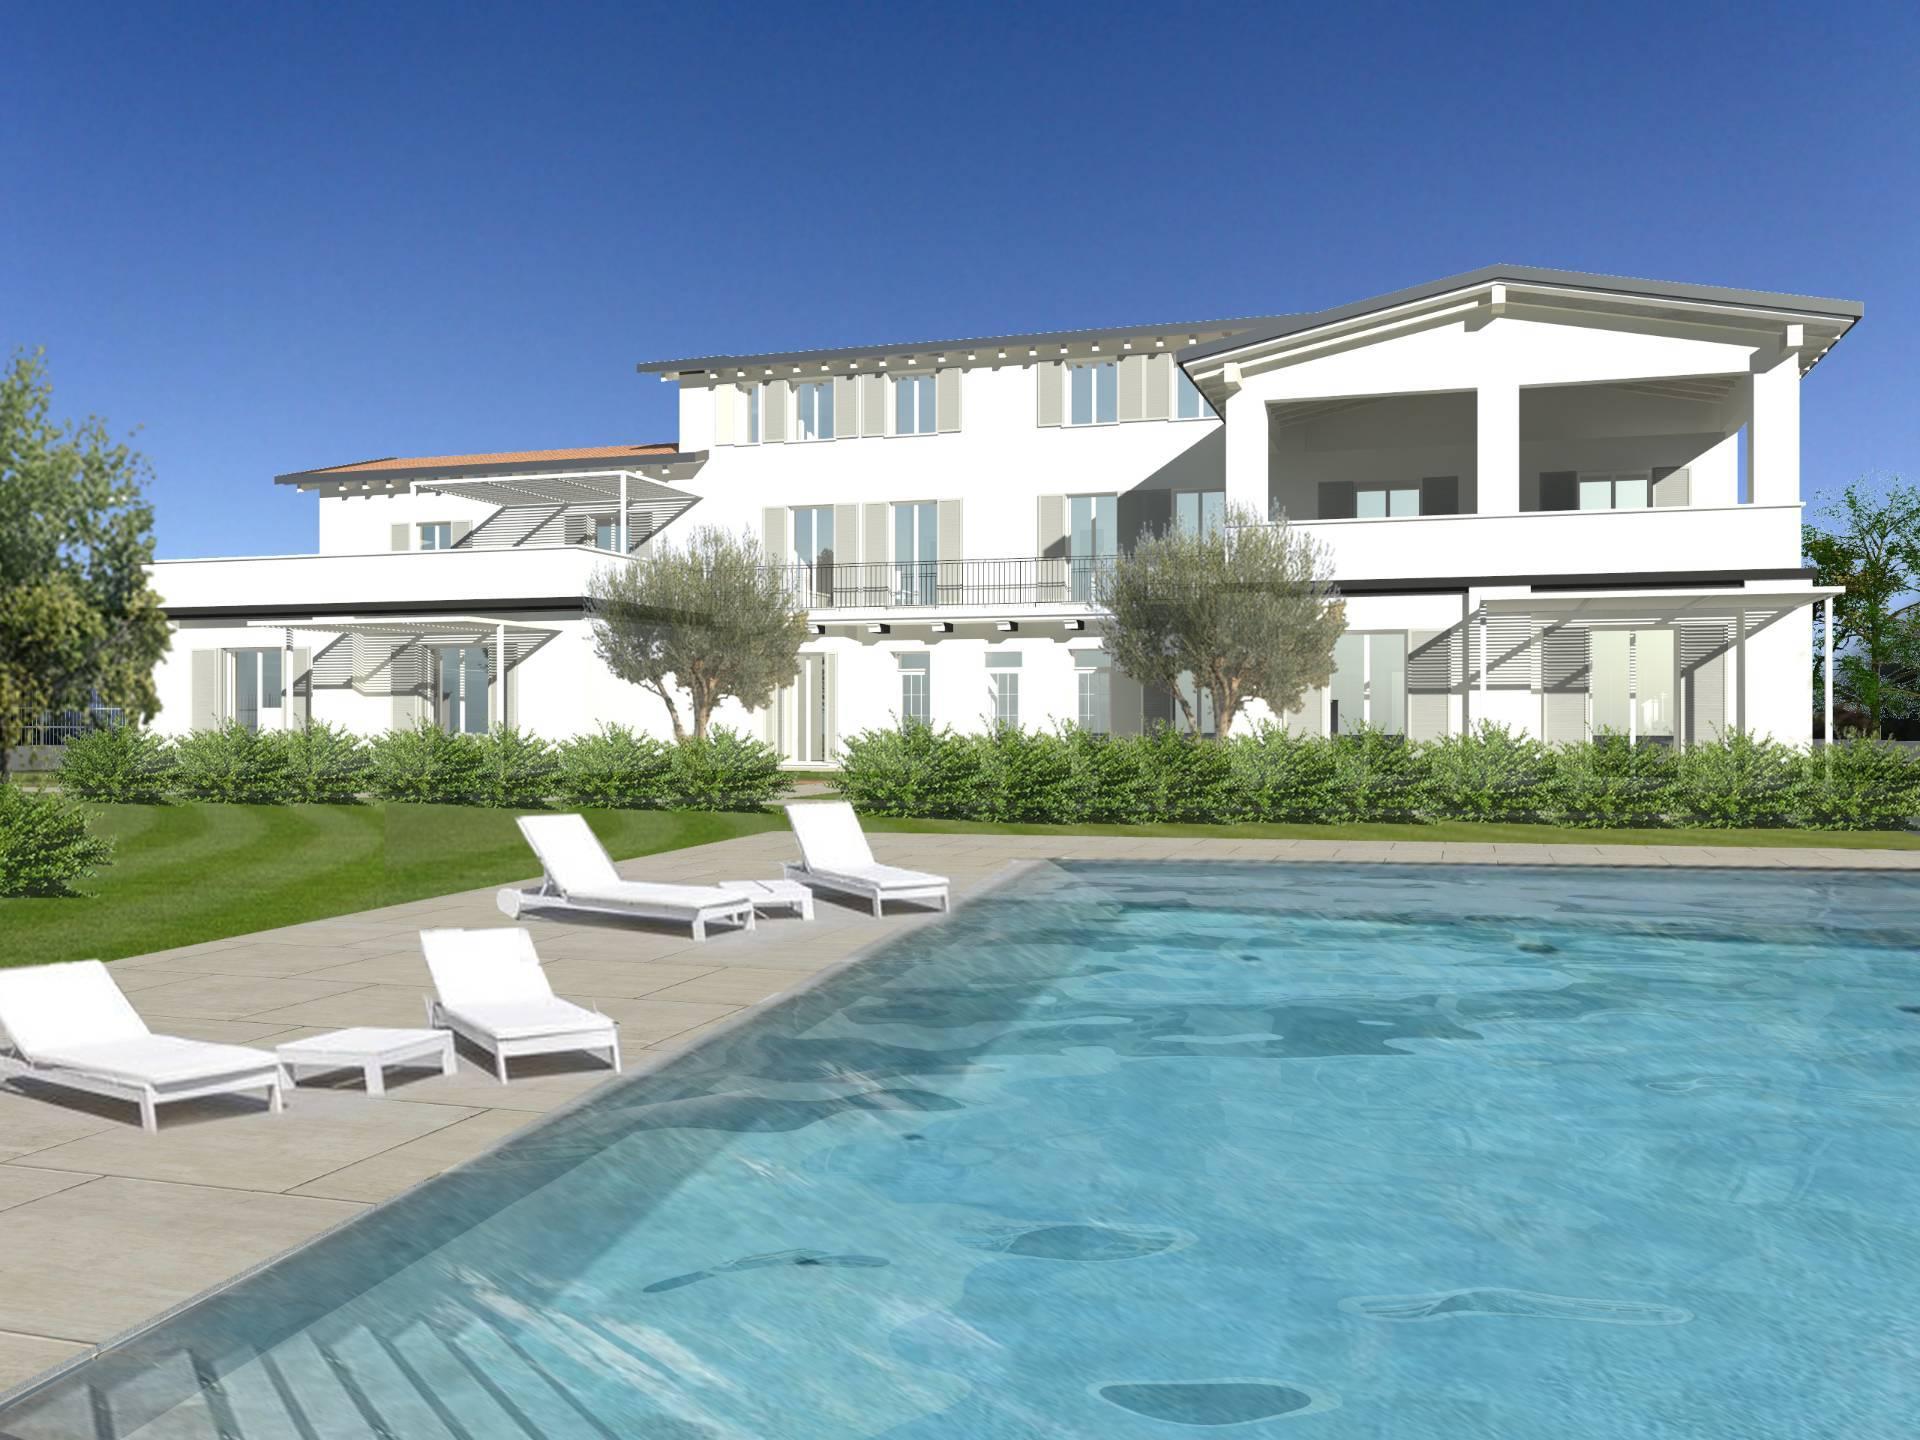 Appartamento in vendita a Sirmione, 4 locali, zona na, prezzo € 530.000 | PortaleAgenzieImmobiliari.it